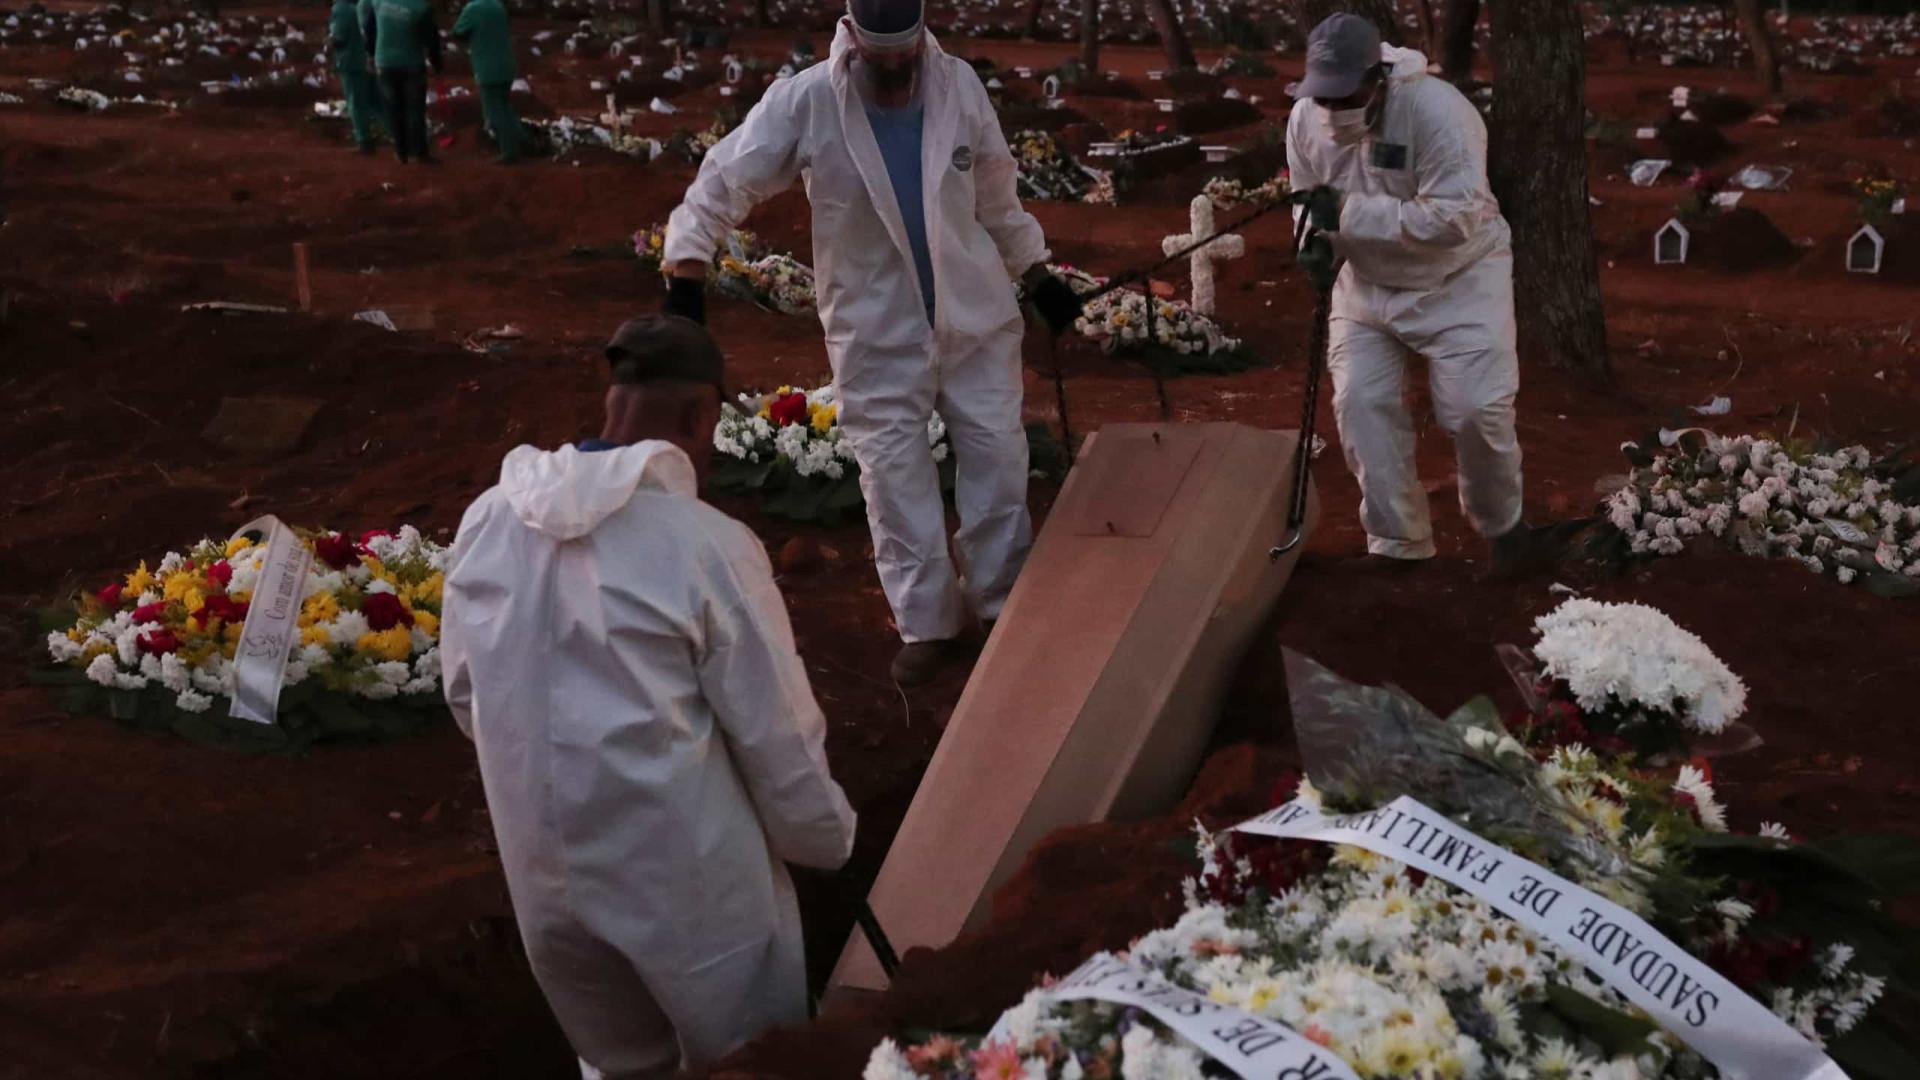 Brasil registra total de 44.657 mortes por covid-19